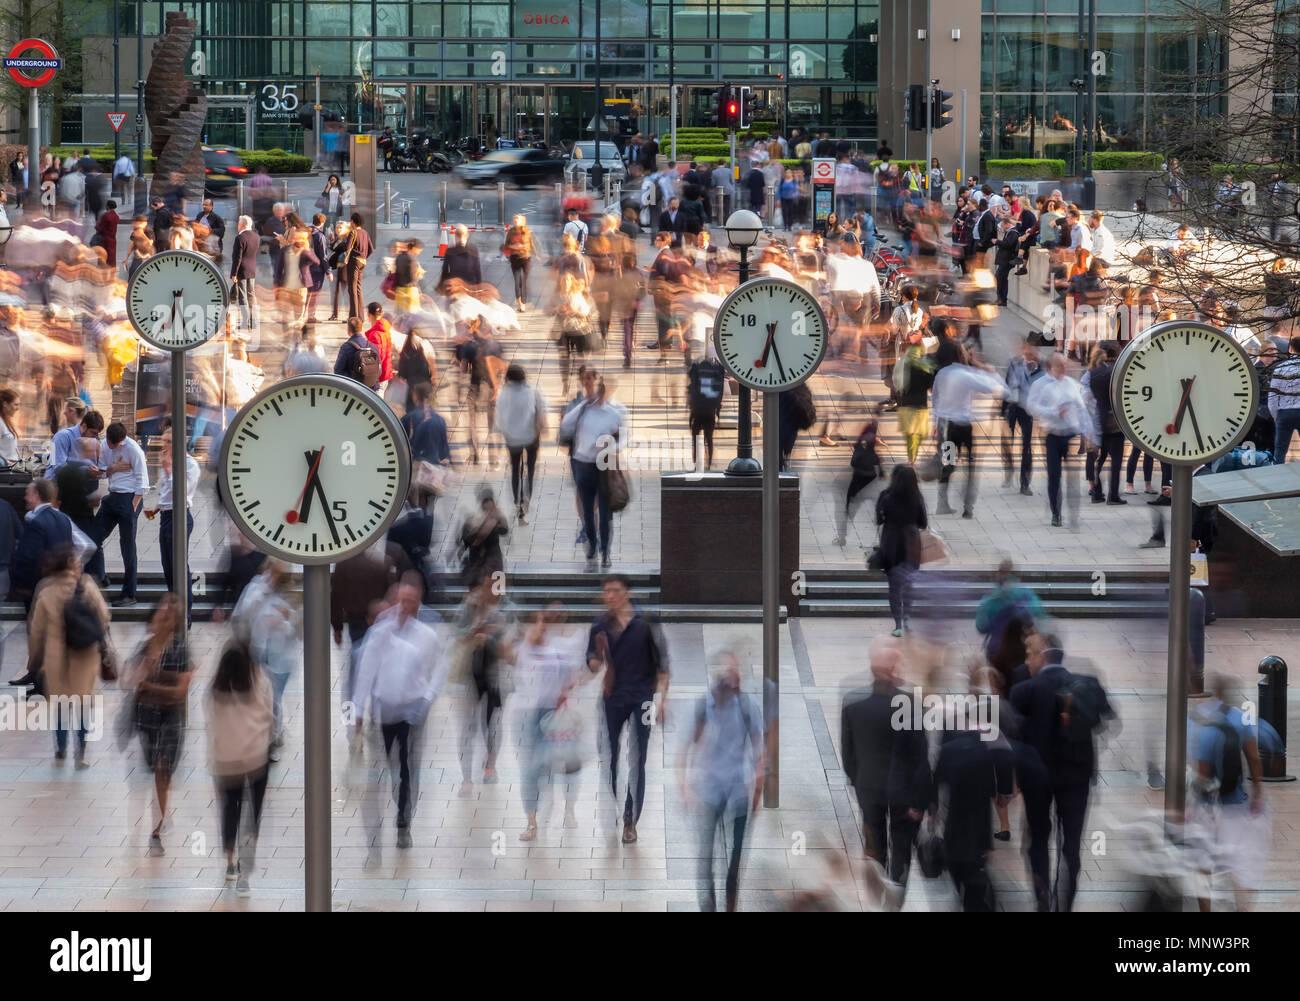 Tiempo y movimiento, seis relojes públicos, Canary Wharf, Londres, Inglaterra, Reino Unido. Imagen De Stock